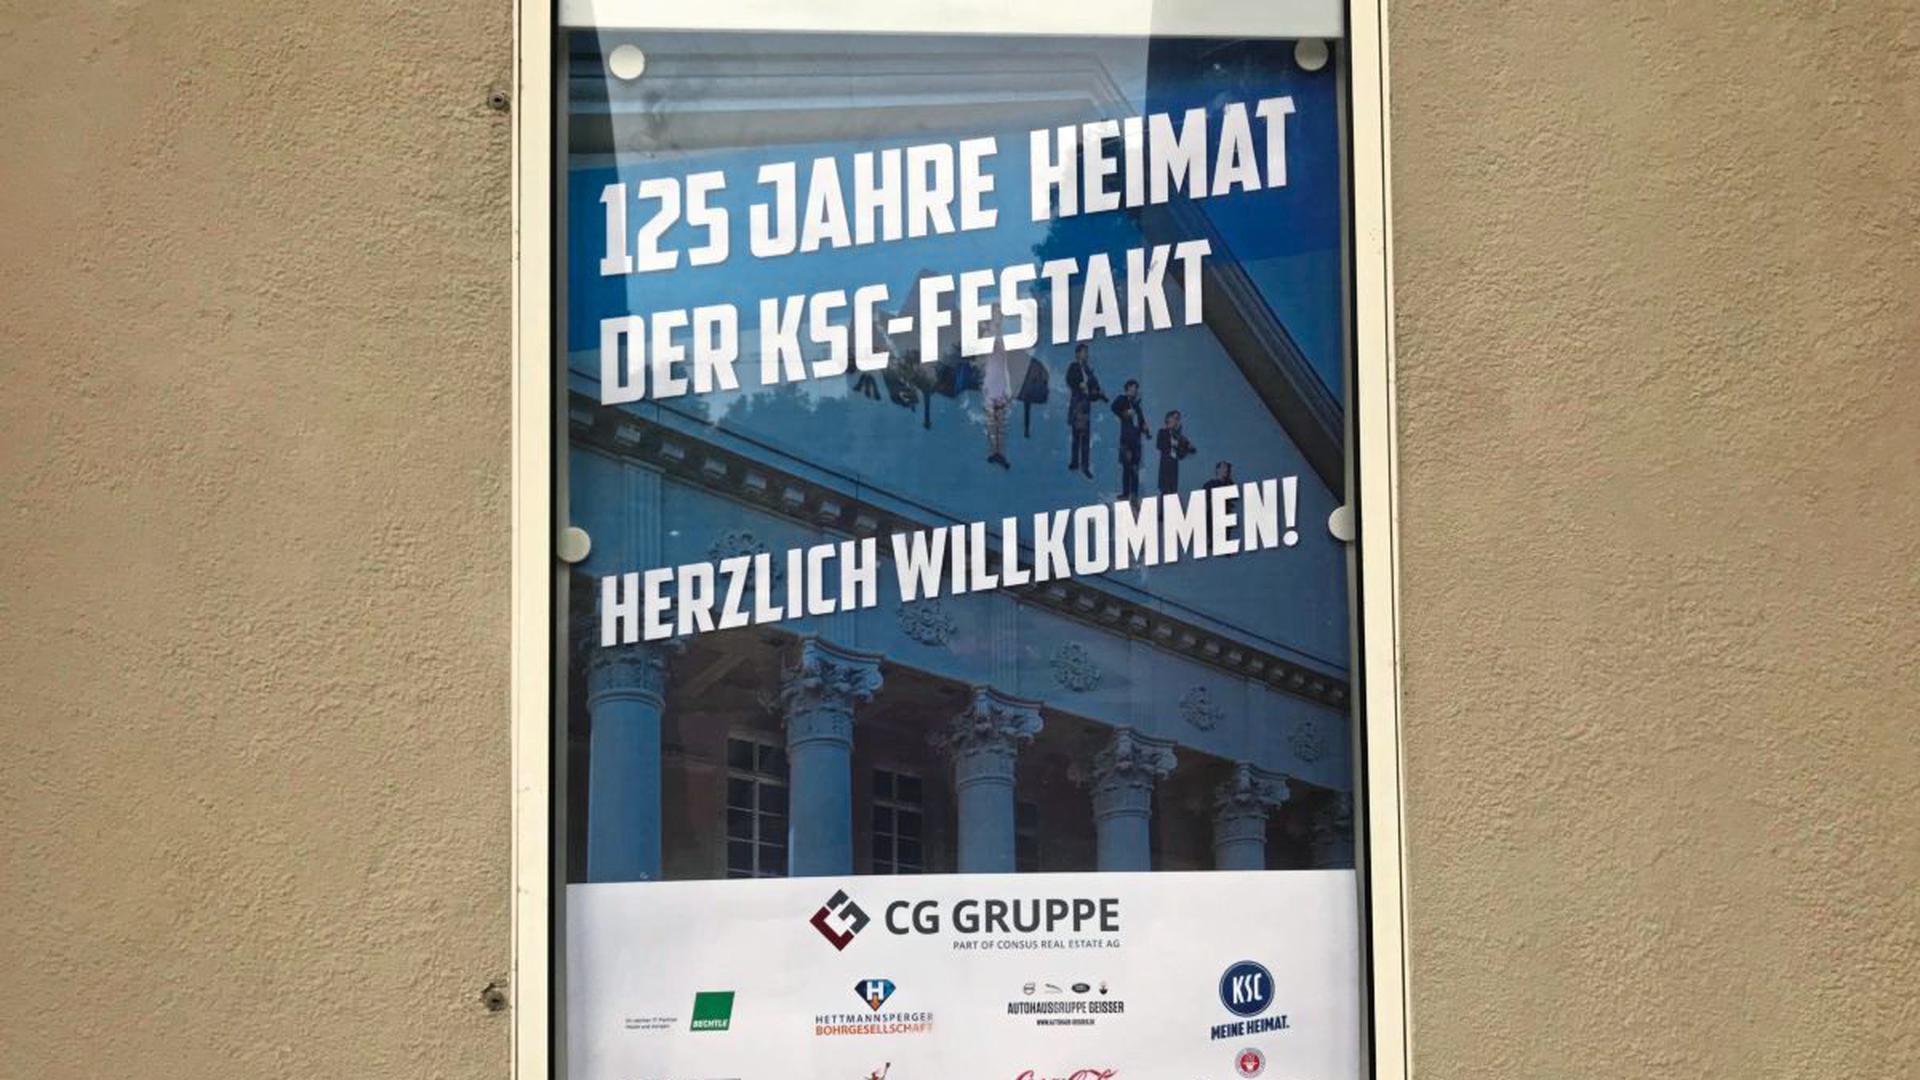 Willkommens-Plakat am Eingang.